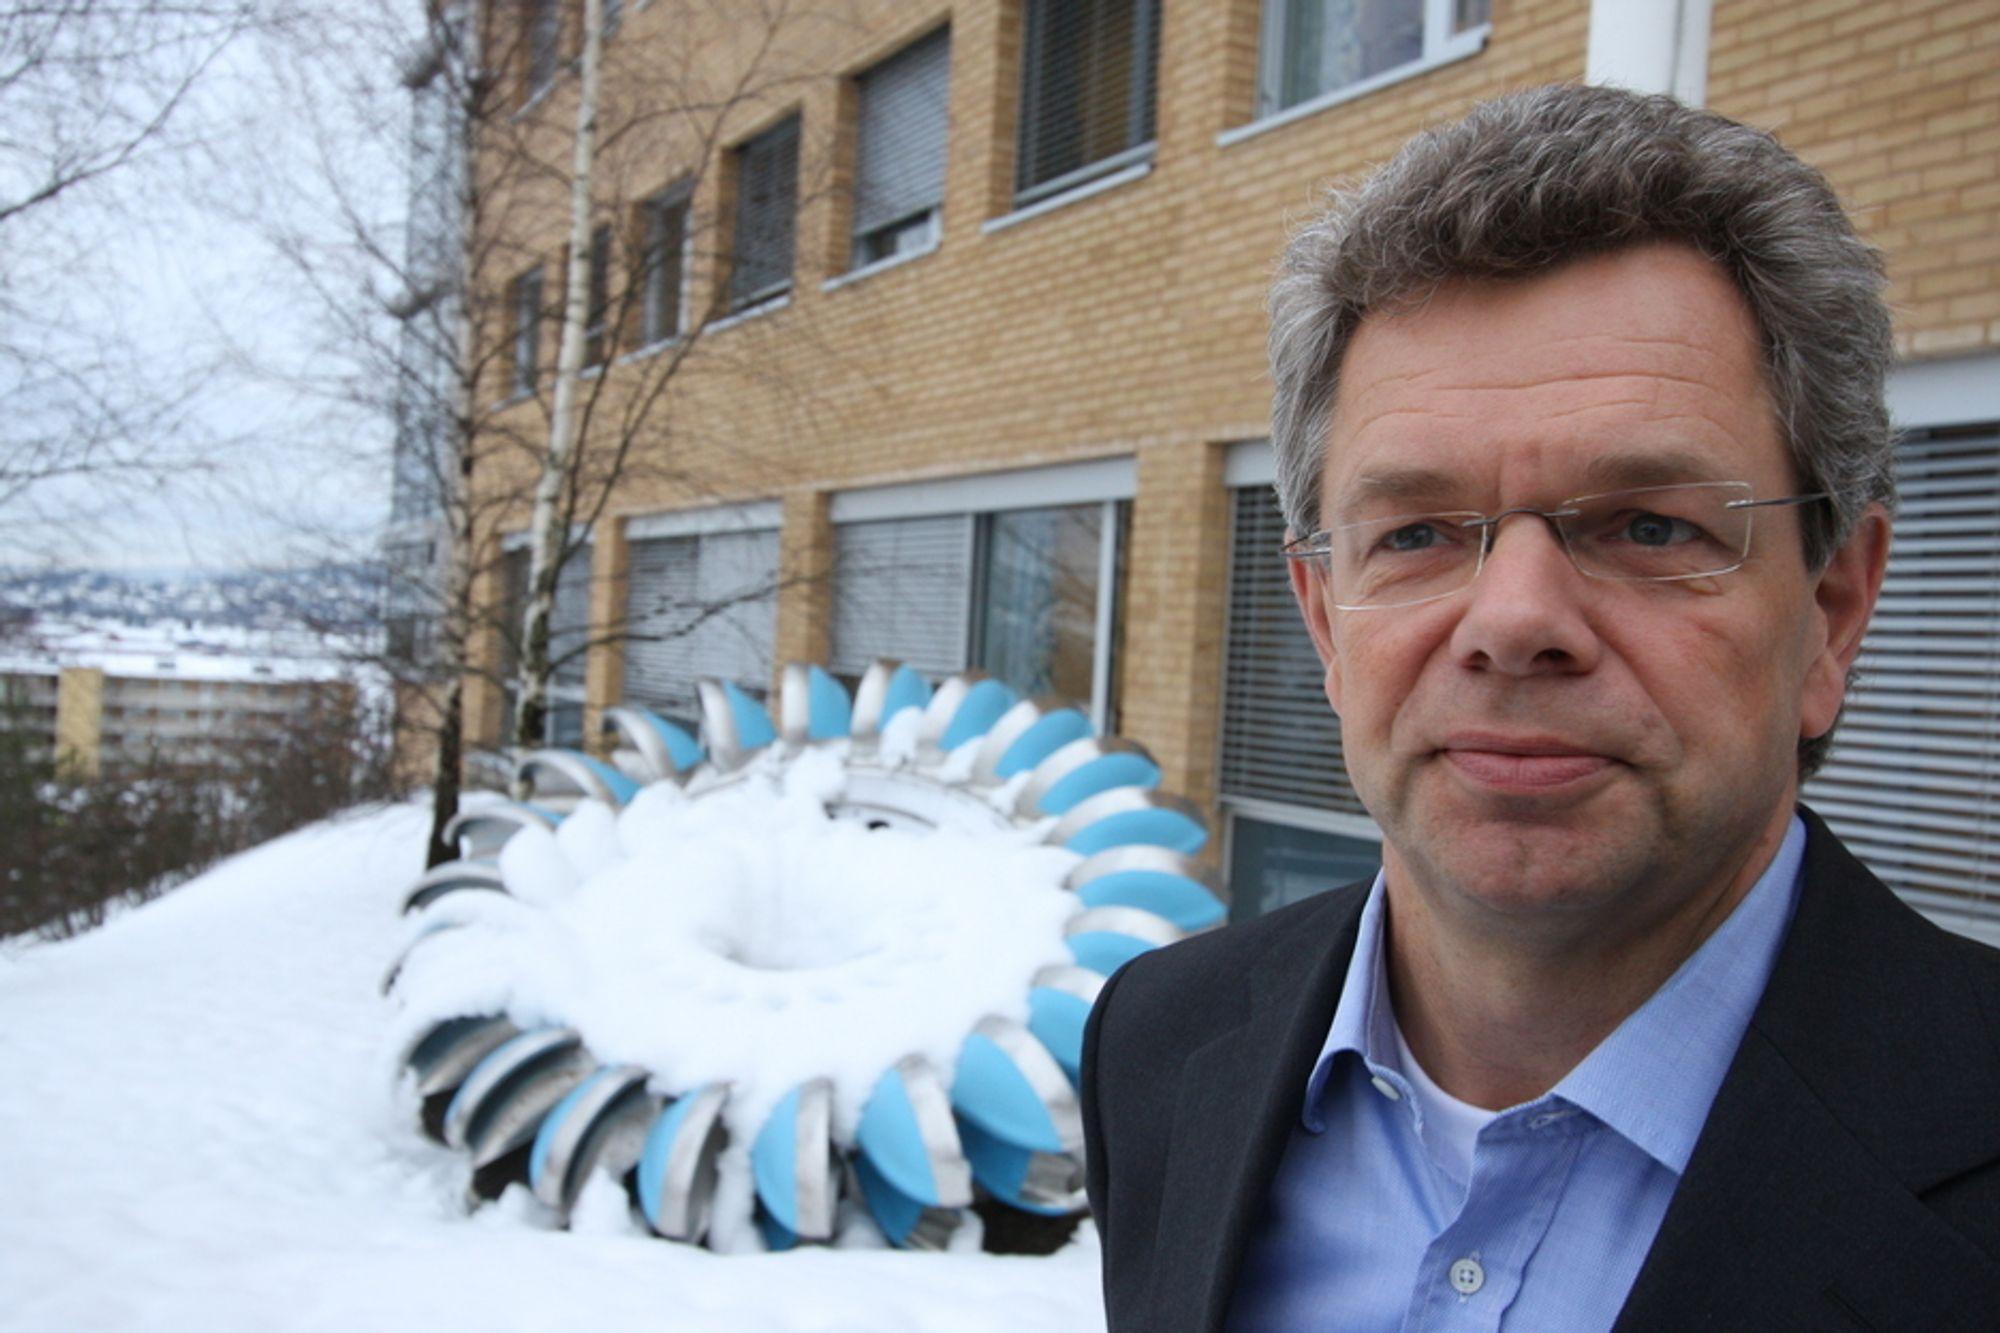 Konsernsjef Svein Ole Strømmen og Rainpower skal levere teknologi til småkraftverk landet rundt. Oppdragsgiver er den norske kirke ved Opplysningsvesenets Fond.